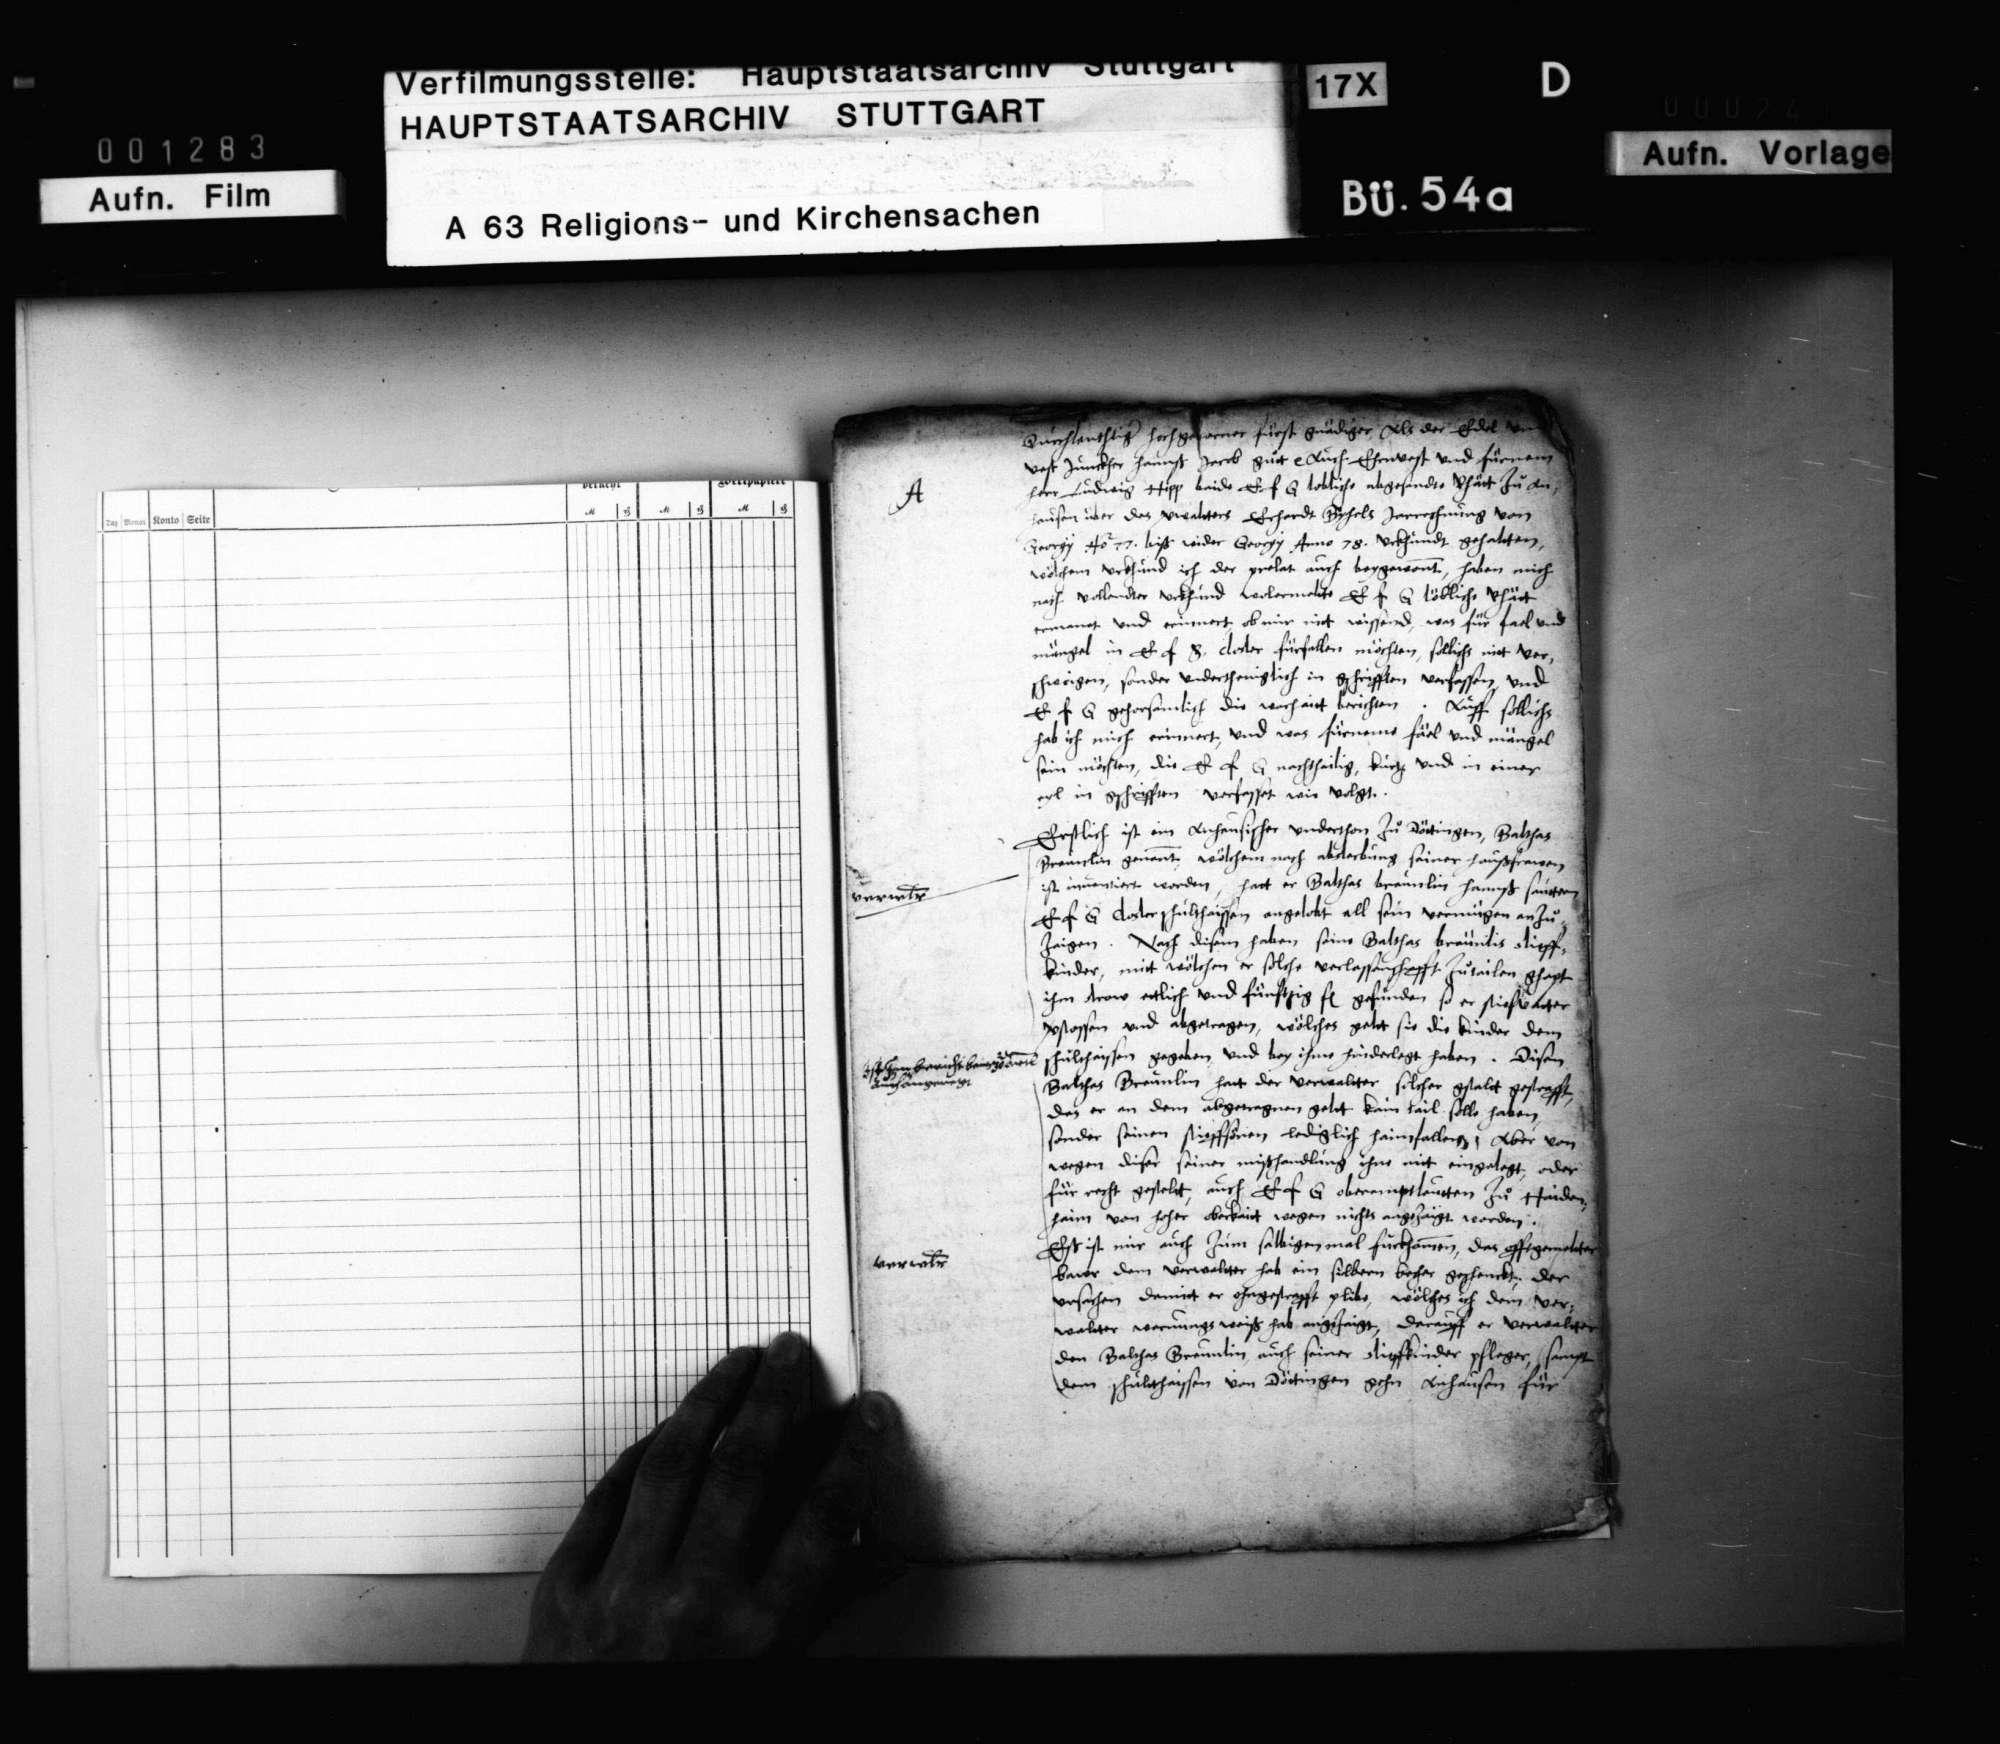 Schreiben des Abts Andreas Eyb zu Anhausen an Herzog Ludwig mit einem Bericht über die in seinem Kloster abgehaltenen Visitationen. Original, Bild 2